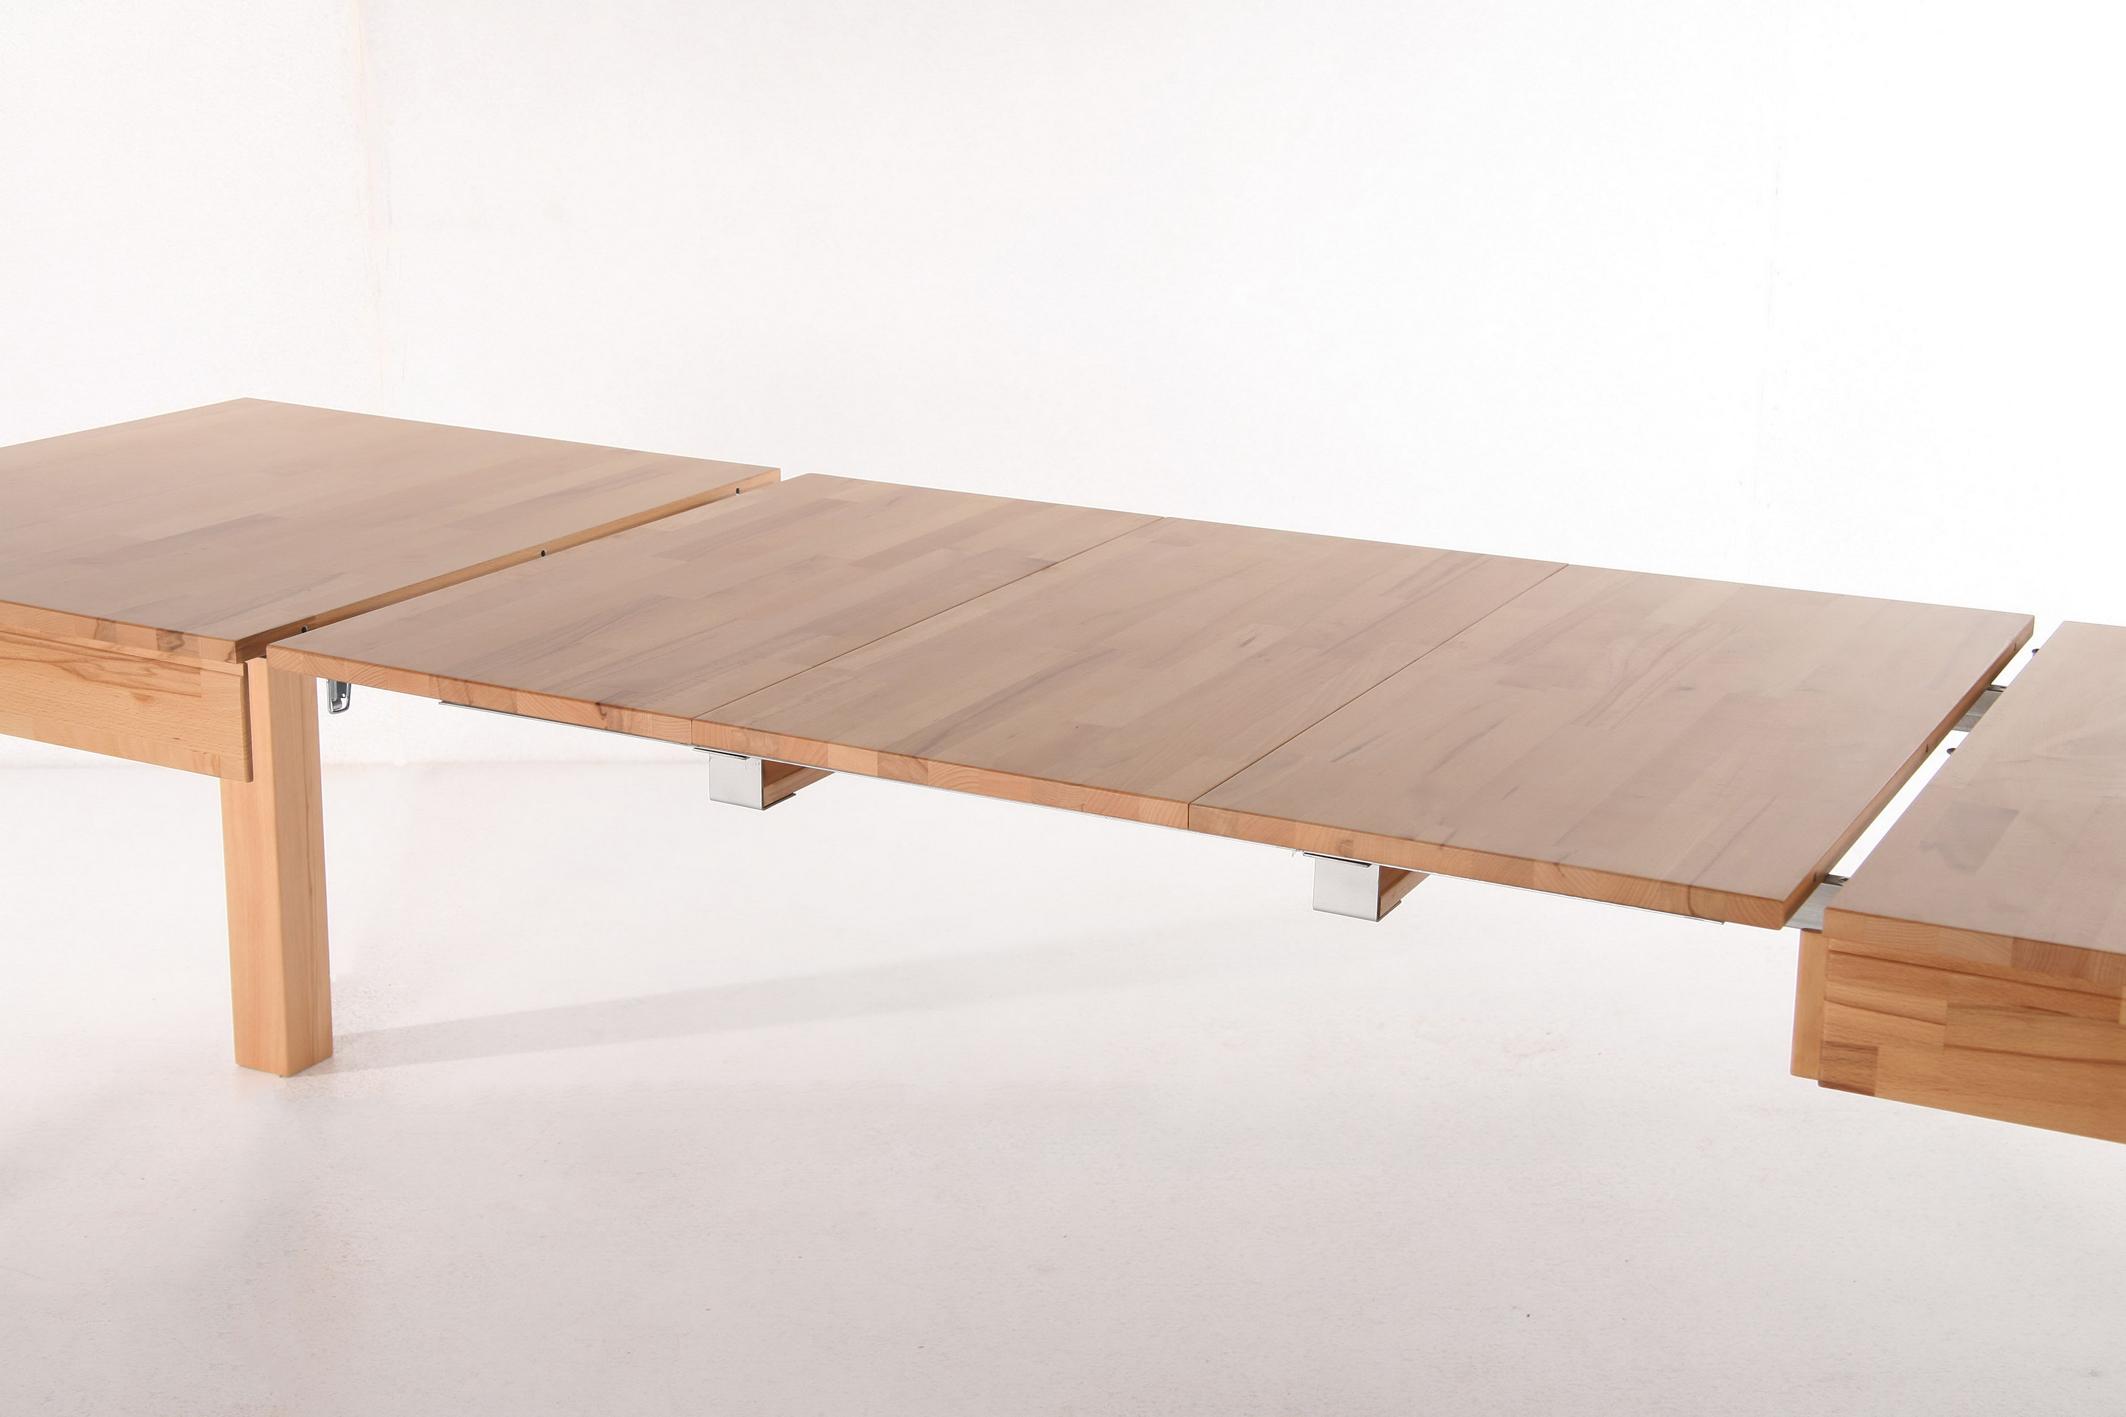 Rafet 3xl esstisch 140 260x80 cm kernbuche oder eiche for Esstisch 80 x 80 cm